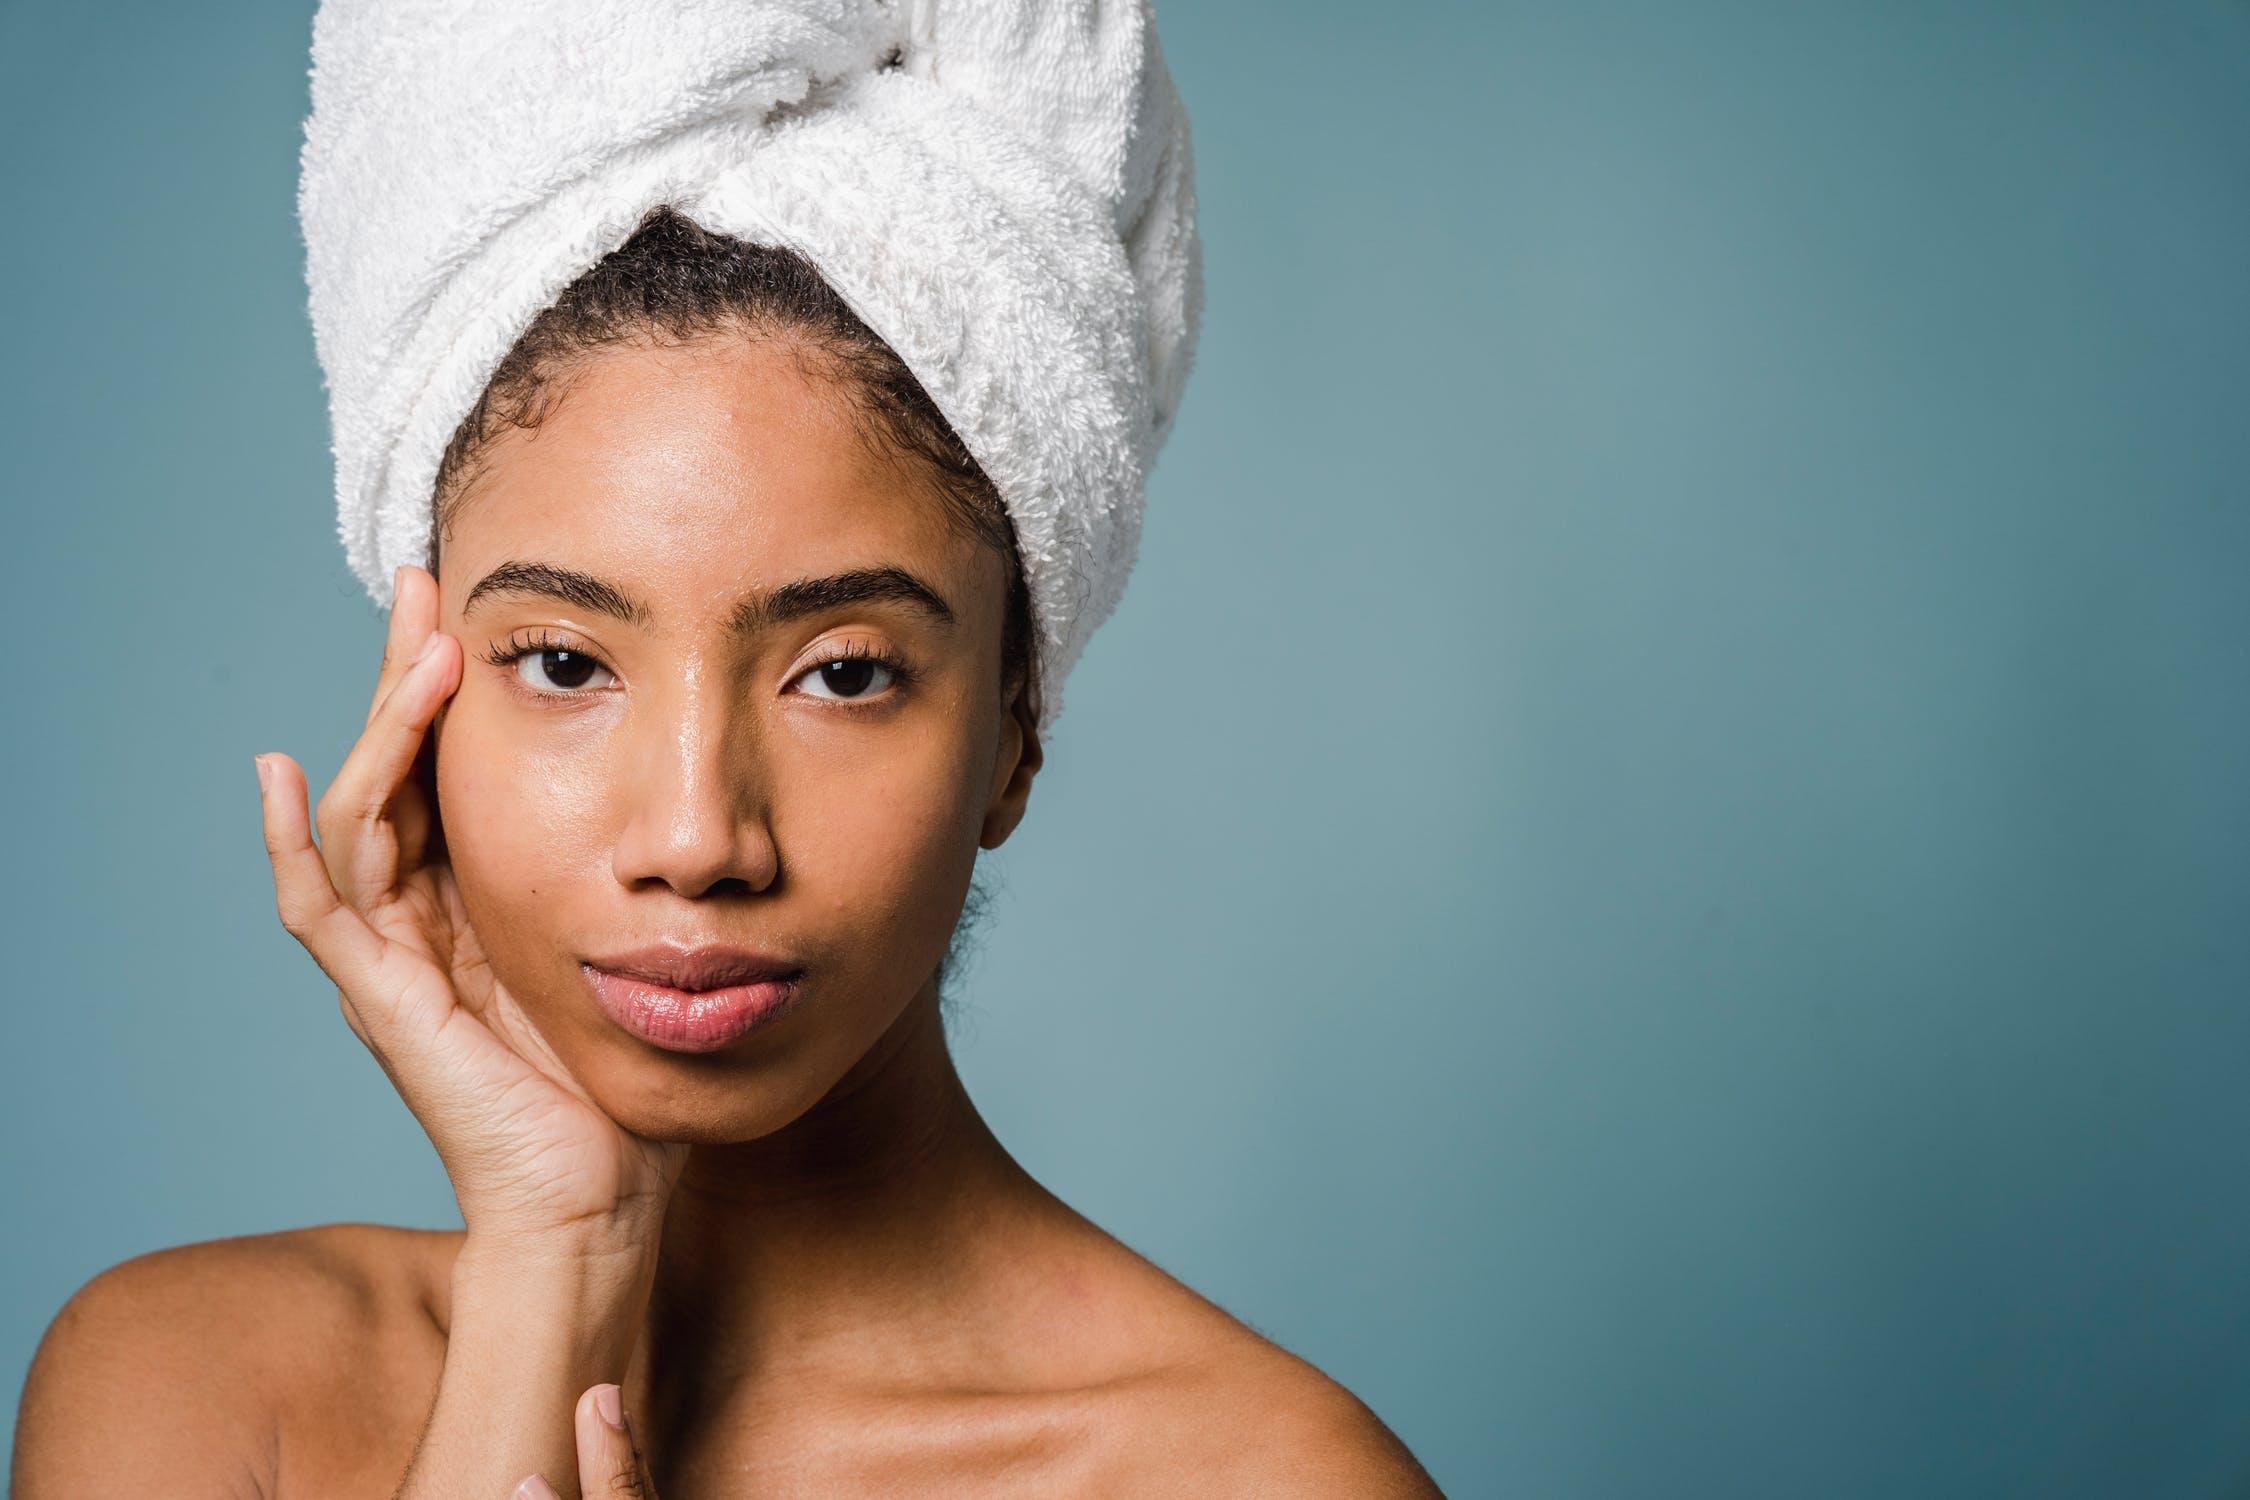 Black woman skincare